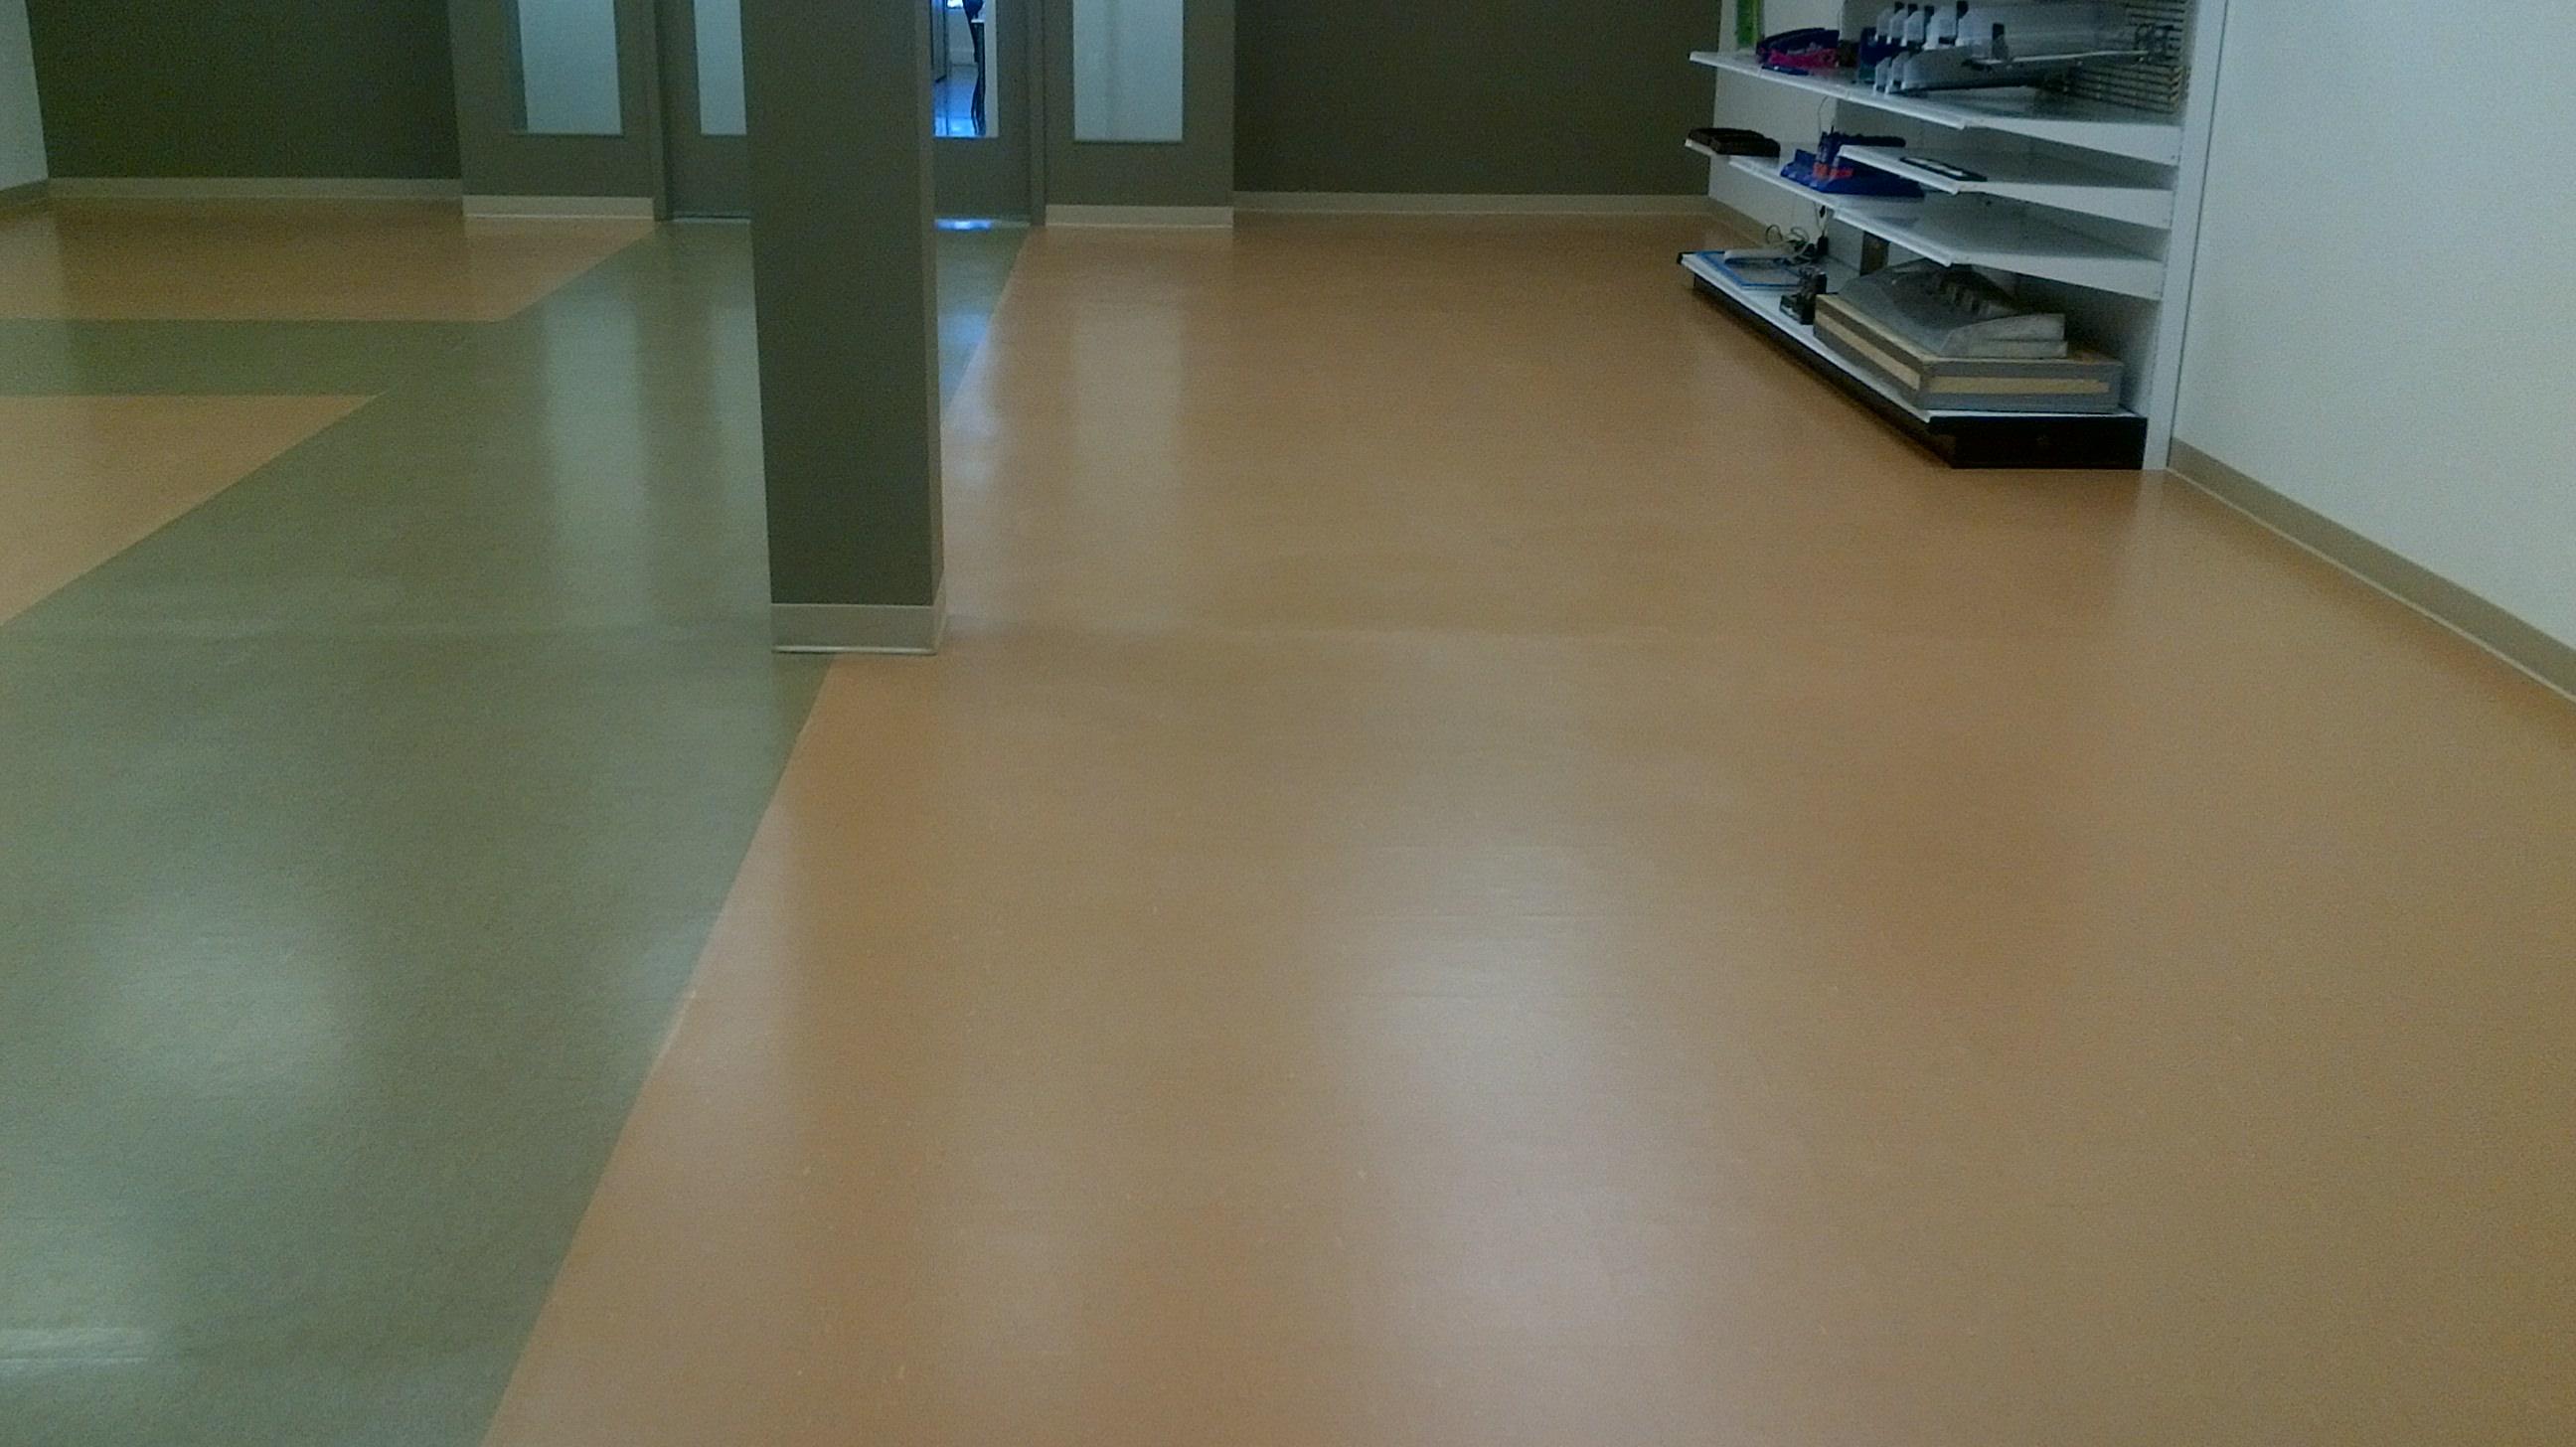 Linoleum floor wax